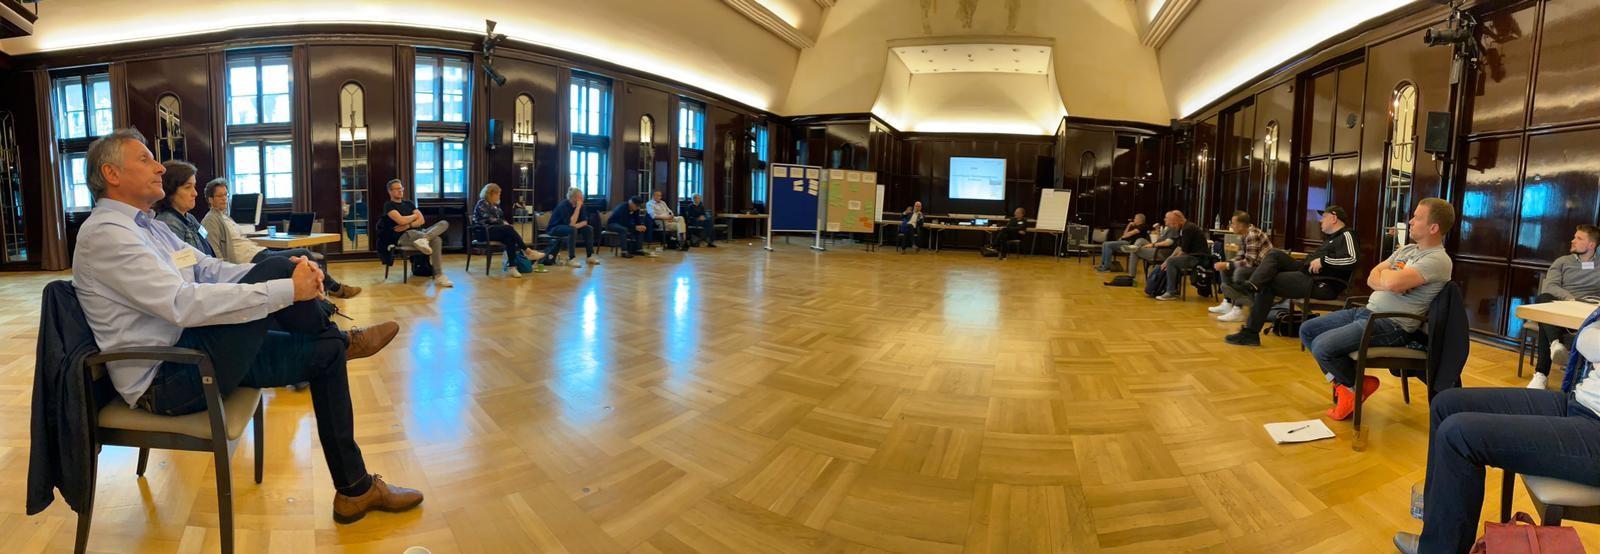 Menschen sitzen in einem großen Saal im Kreis